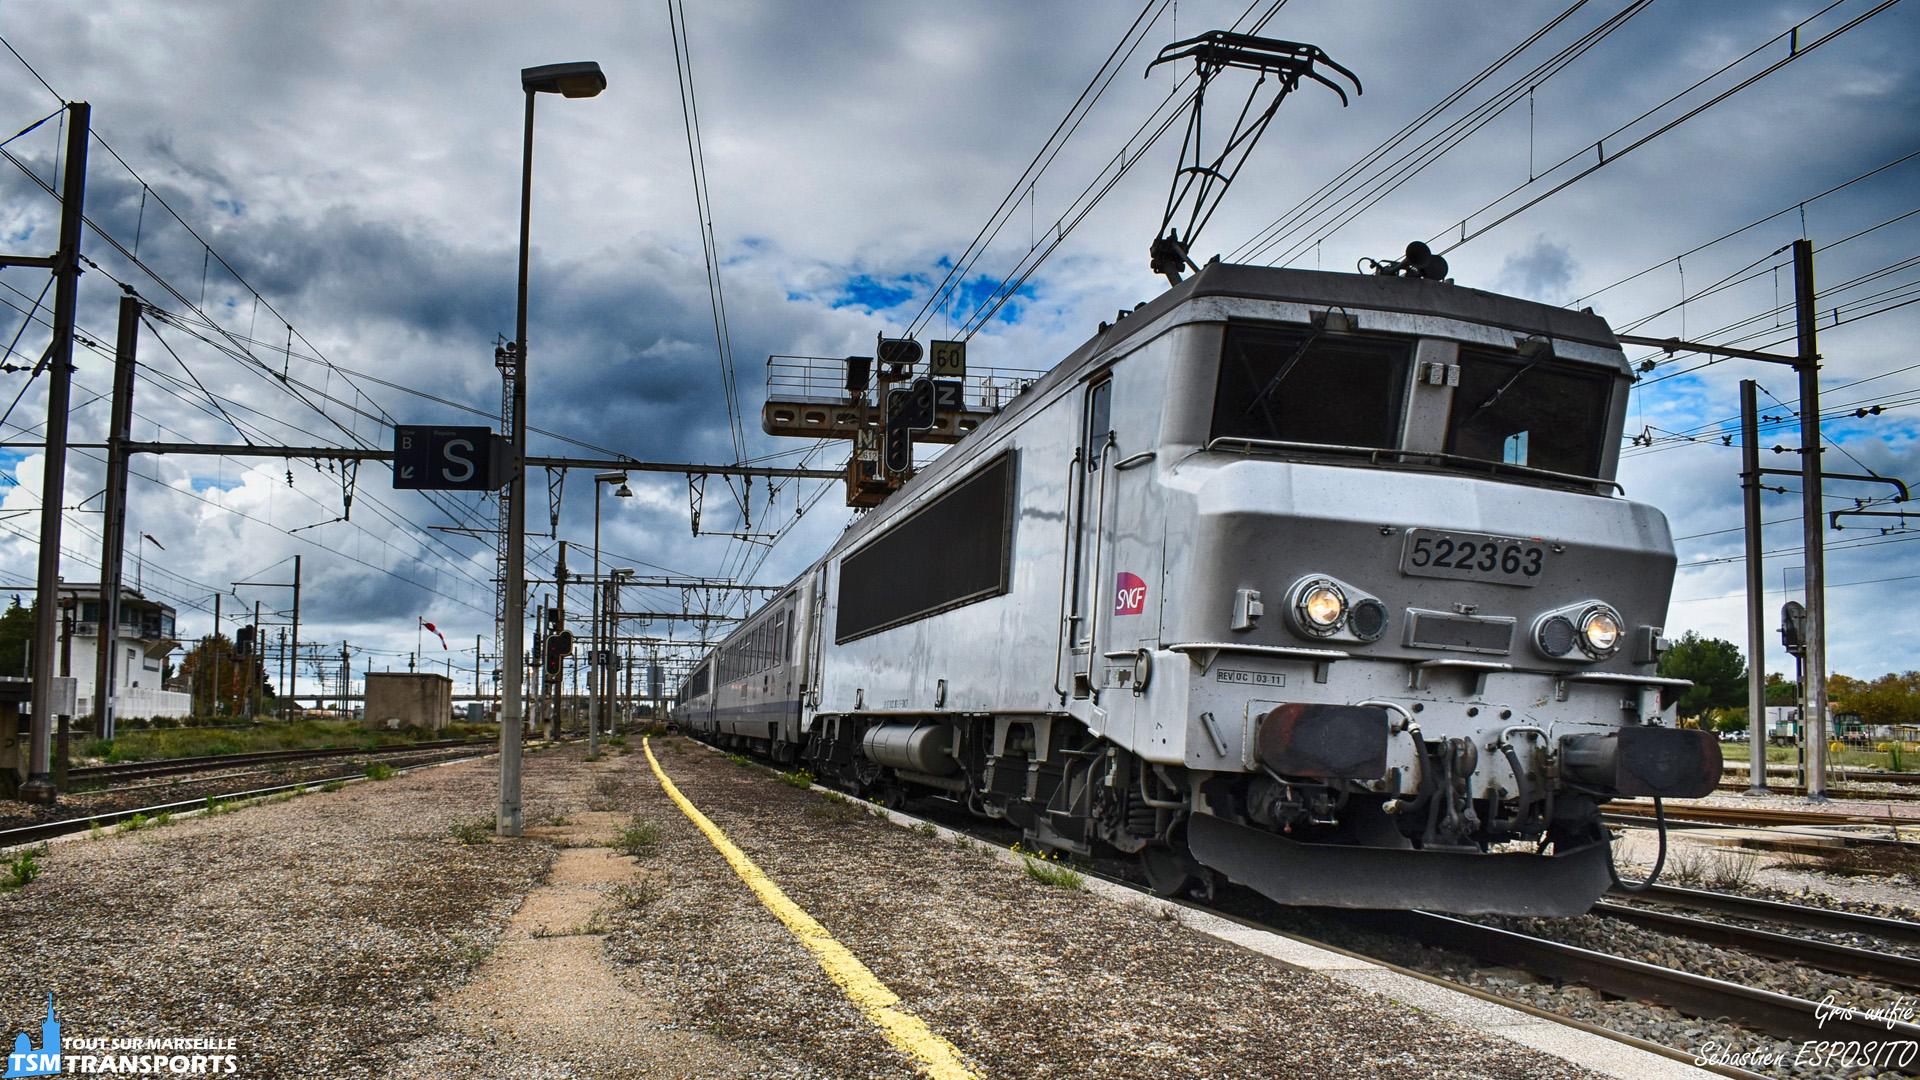 Arrivé en gare de Miramas de ce TER en direction de Marseille Saint Charles avec en tête la BB22363 et qui assure certainement le TER Marseille - Lyon Part Dieu. . Spot en compagnie de @lordregio13 , @jamesletrain @le_bas_alpin au mois de Novembre. . ℹ️ Alstom BB22200 (BB22363) . . 📍 Gare de Miramas, Place Pierre Beley, 13140 MIRAMAS. . ↔️ TER Marseille - Lyon Part Dieu. . 📸 Nikon D5600. . 📷 Nikkon 18-55mm. . 📅 10 Novembre 2018 à 12:59. . 👨 Sébastien ESPOSITO